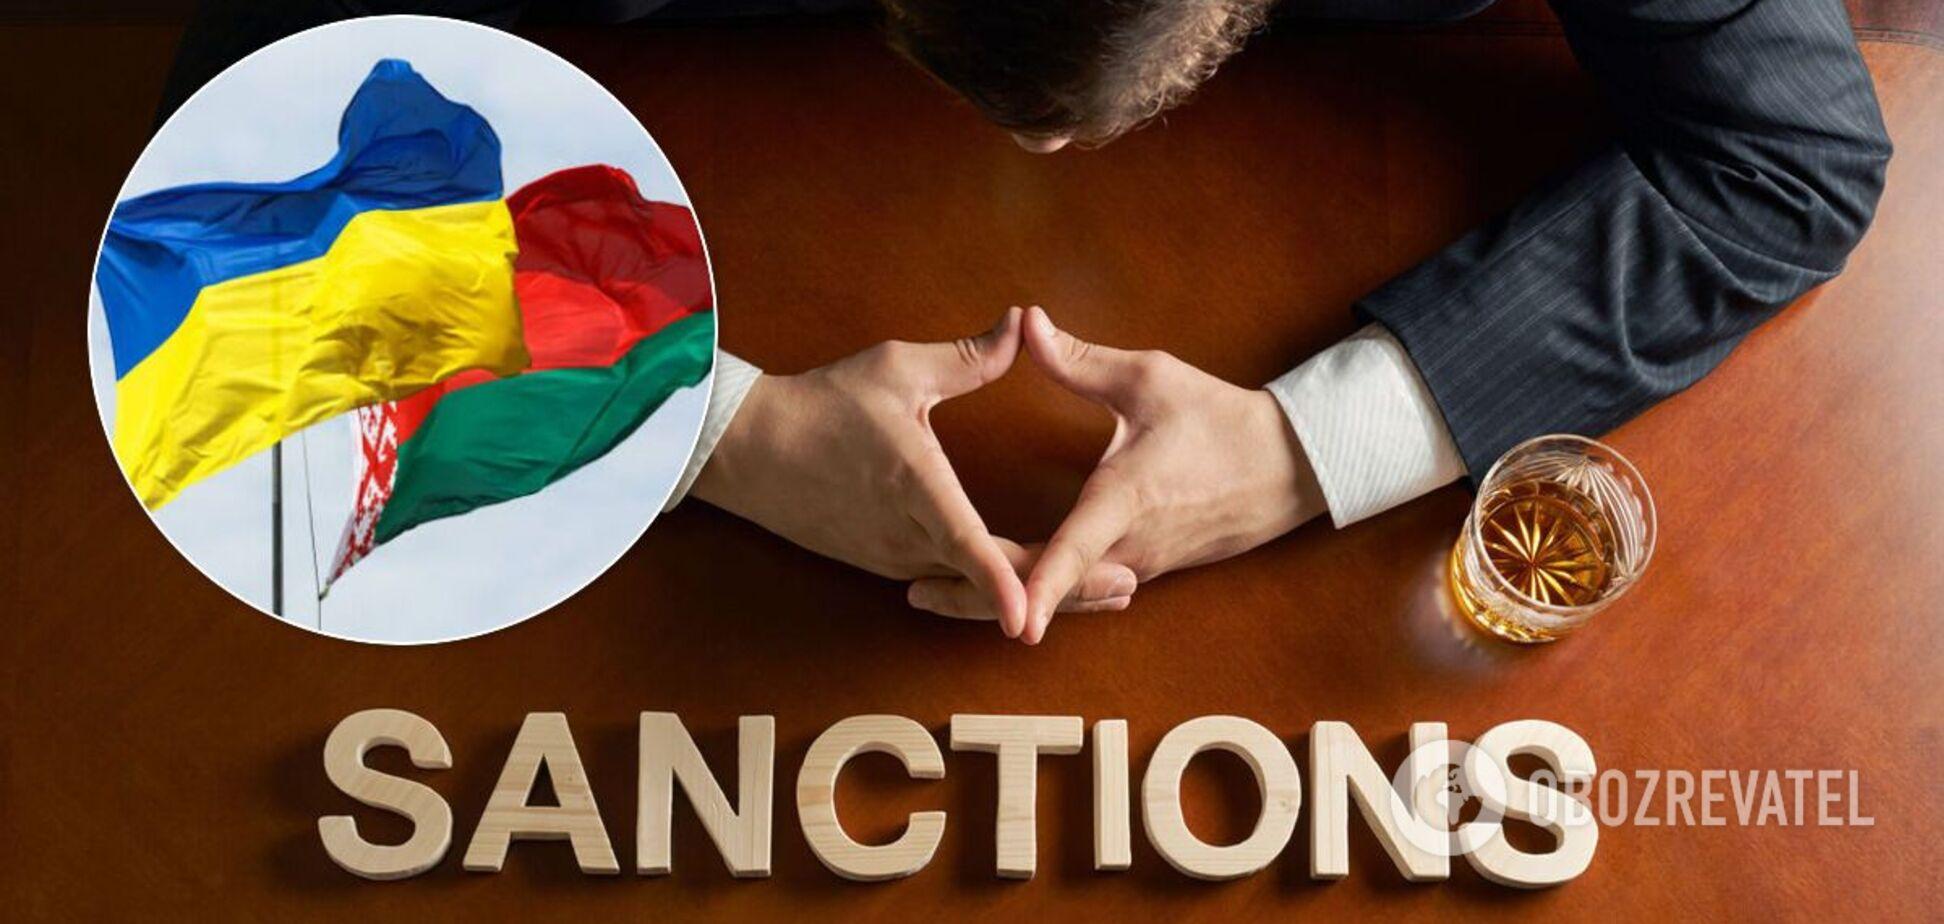 Мінськ вважає рішення України приєднатися до санкцій ЄС проти Білорусі несамостійним